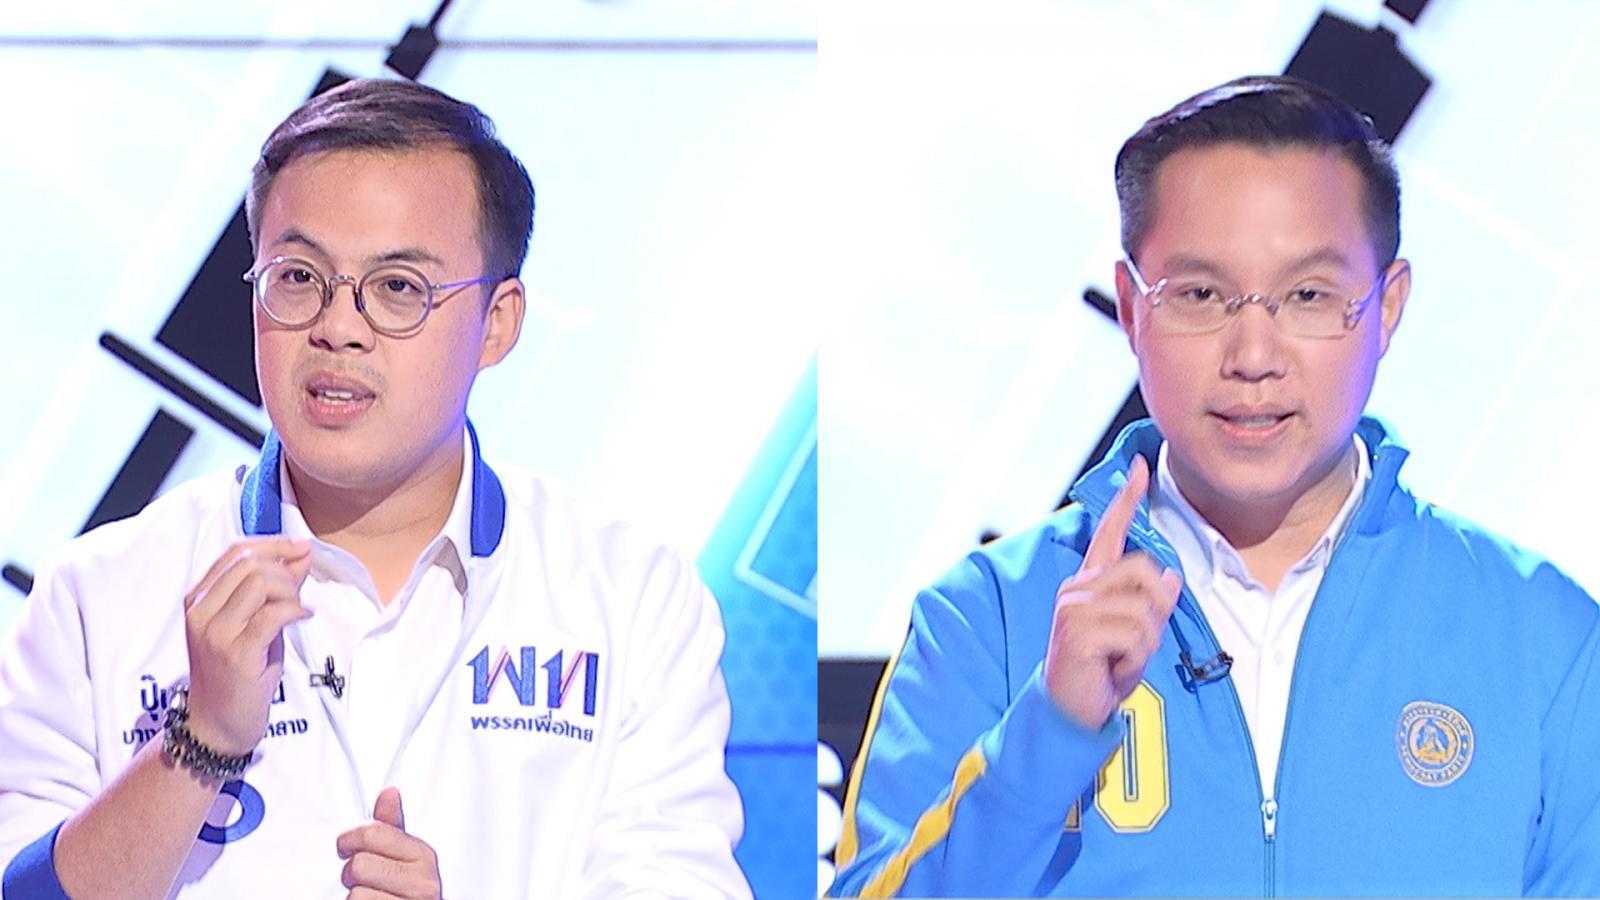 """เพื่อไทย ตอบคำถาม""""เจ ชนาธิป"""" ชู ลานกีฬาชุมชน ปชป. เสนอคัดเด็ก 14 ปี ติดทีมชาติ-สโมสร"""